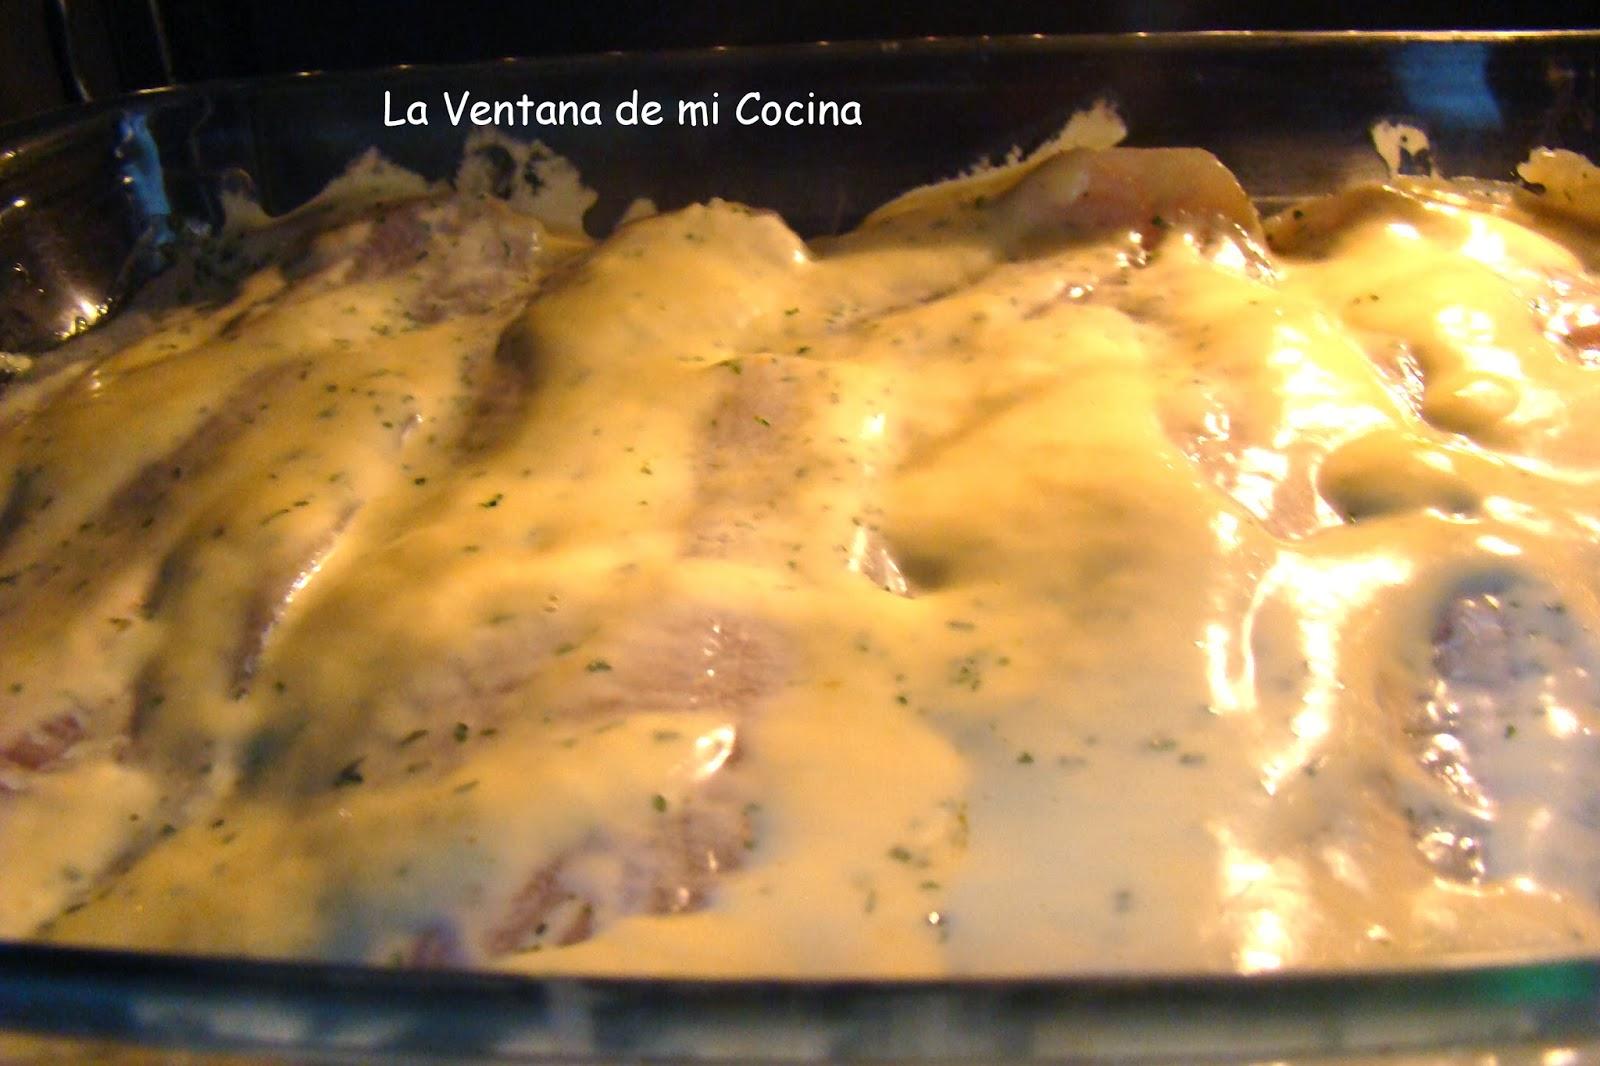 Cocinar Filetes De Merluza Congelados | Merluza Congelada Al Horno Facil Y Jugosa La Ventana De Mi Cocina